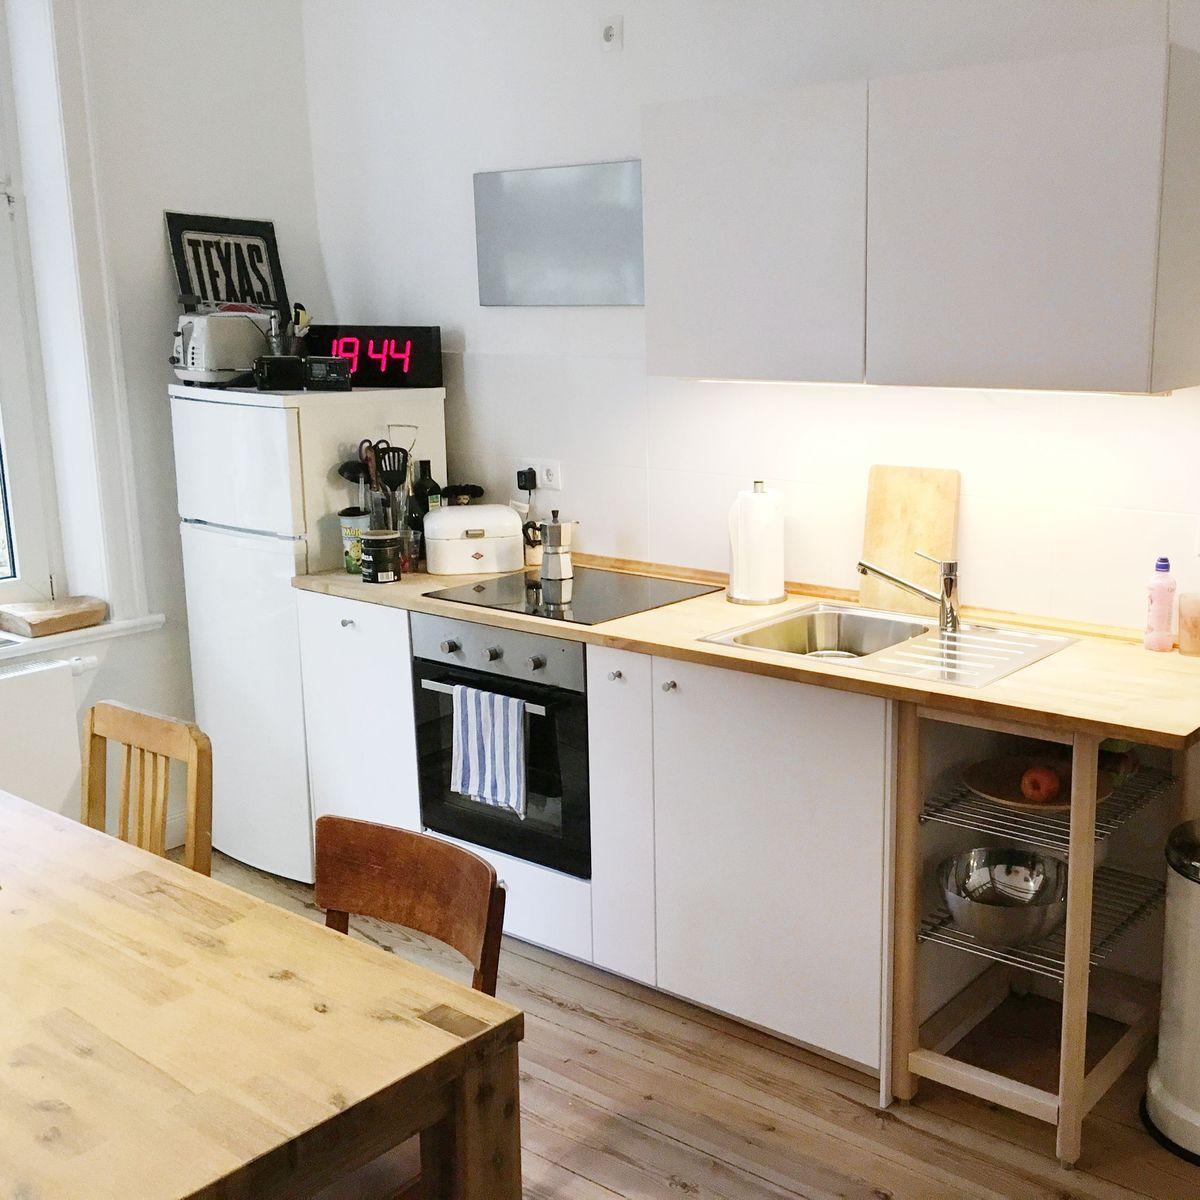 Full Size of Hängeschrank Küche Höhe Winkel Laminat Moderne Landhausküche Aufbewahrungsbehälter Kleiner Tisch Deckenleuchten Ohne Elektrogeräte Tapete Modern Wohnzimmer Küche L Form Ikea